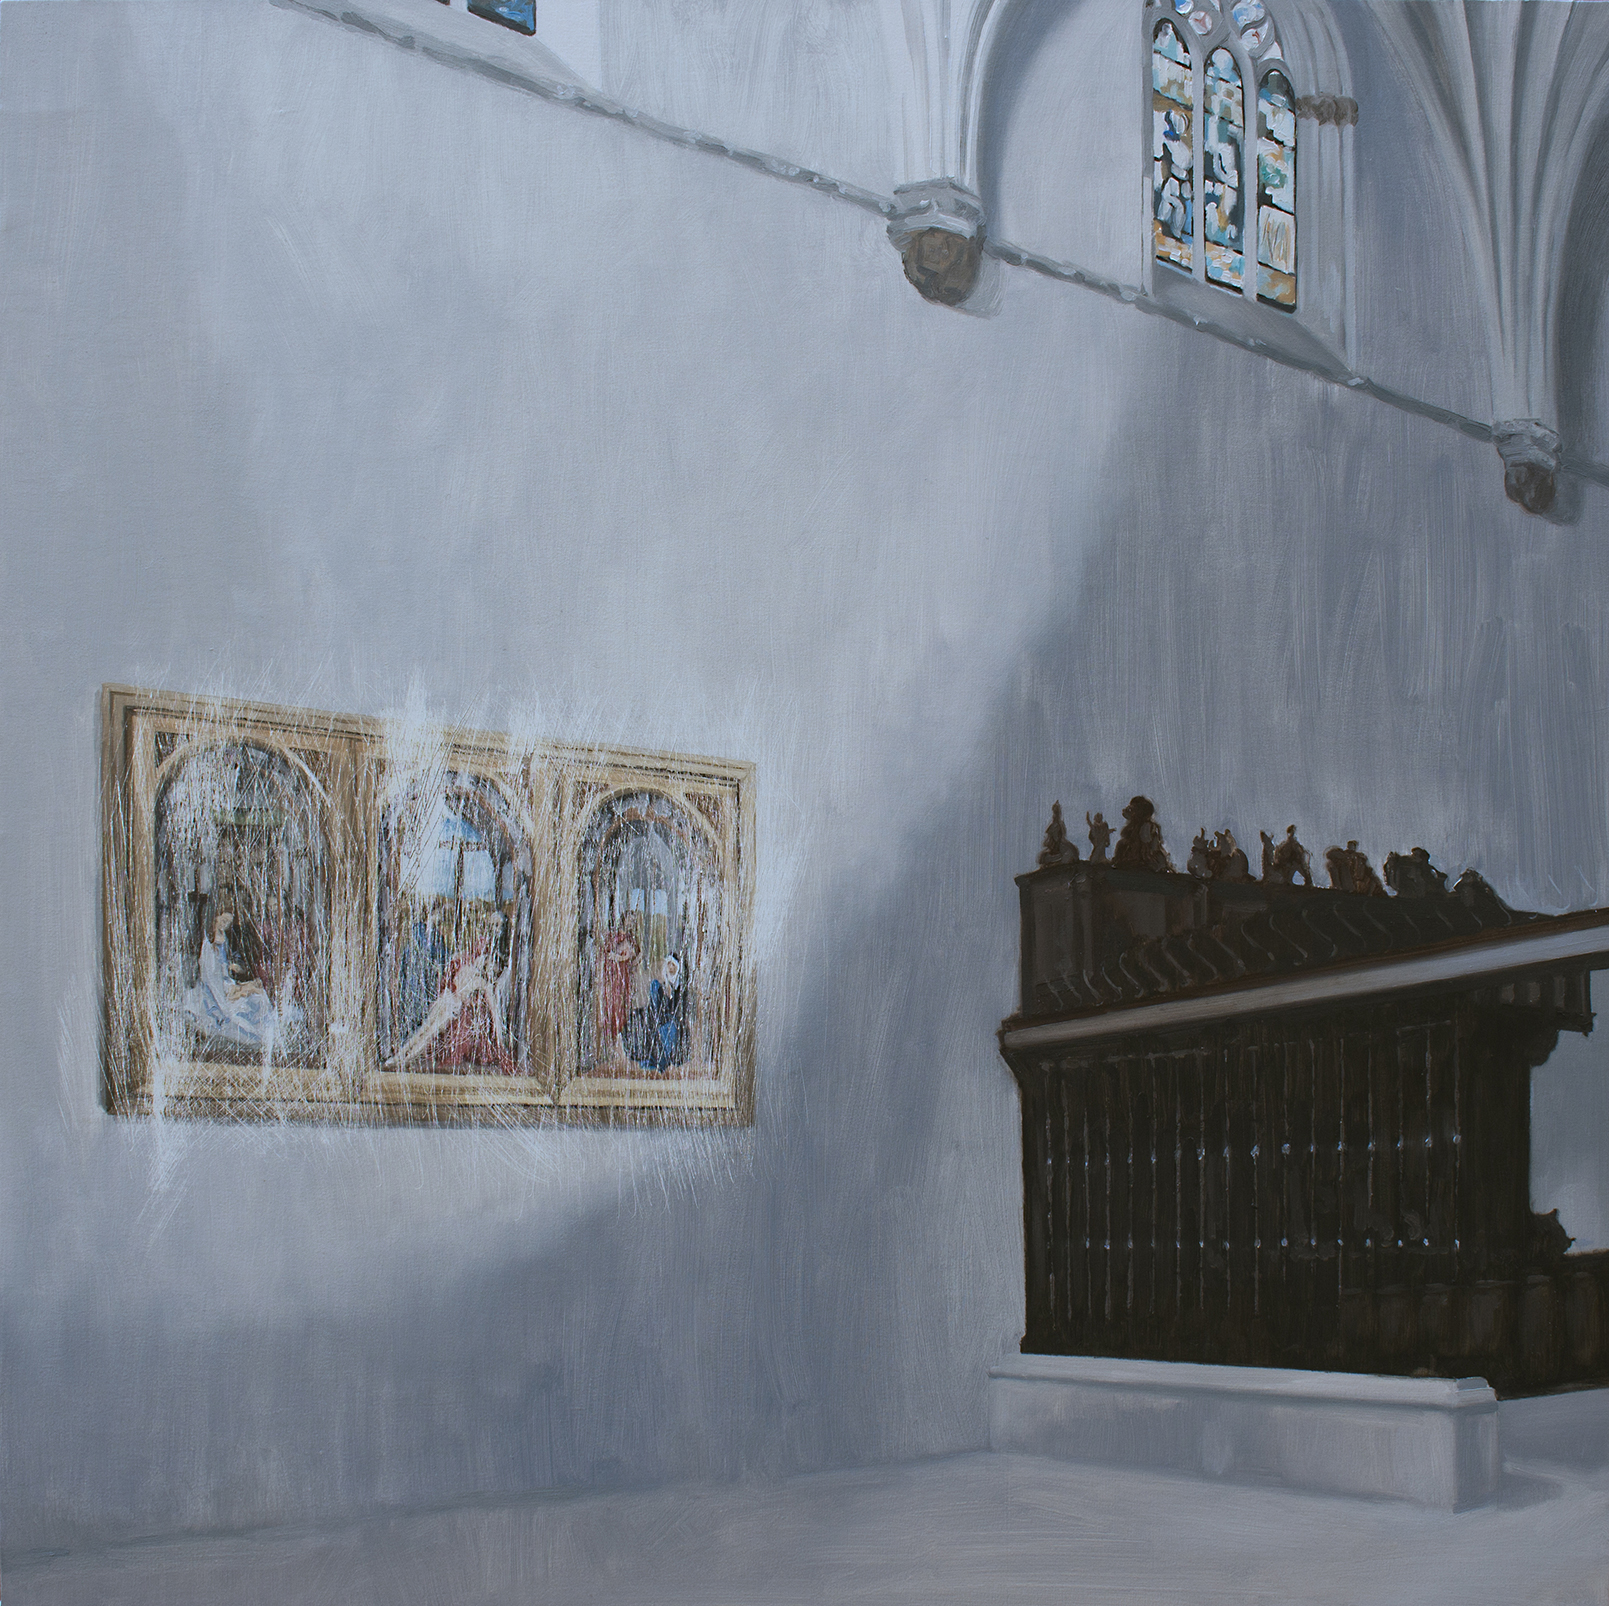 Sustracción en la Cartuja de Miraflores (Van der Weyden). Óleo sobre lienzo. 65 x 65 cm.